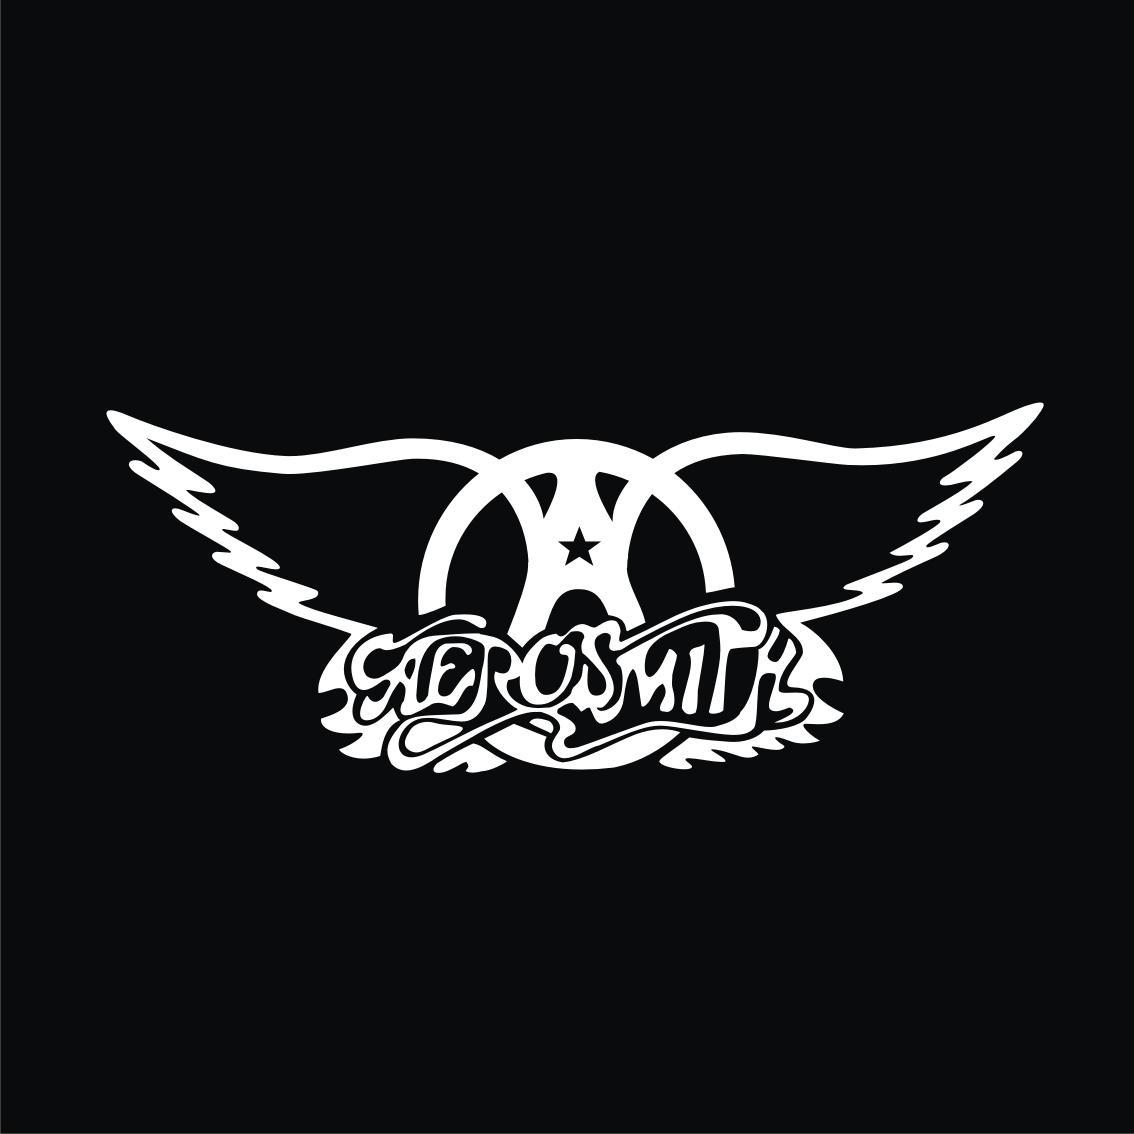 GIVE ME A GUITAR!!! - Aerosmith - 'Livin' on the Edge ...